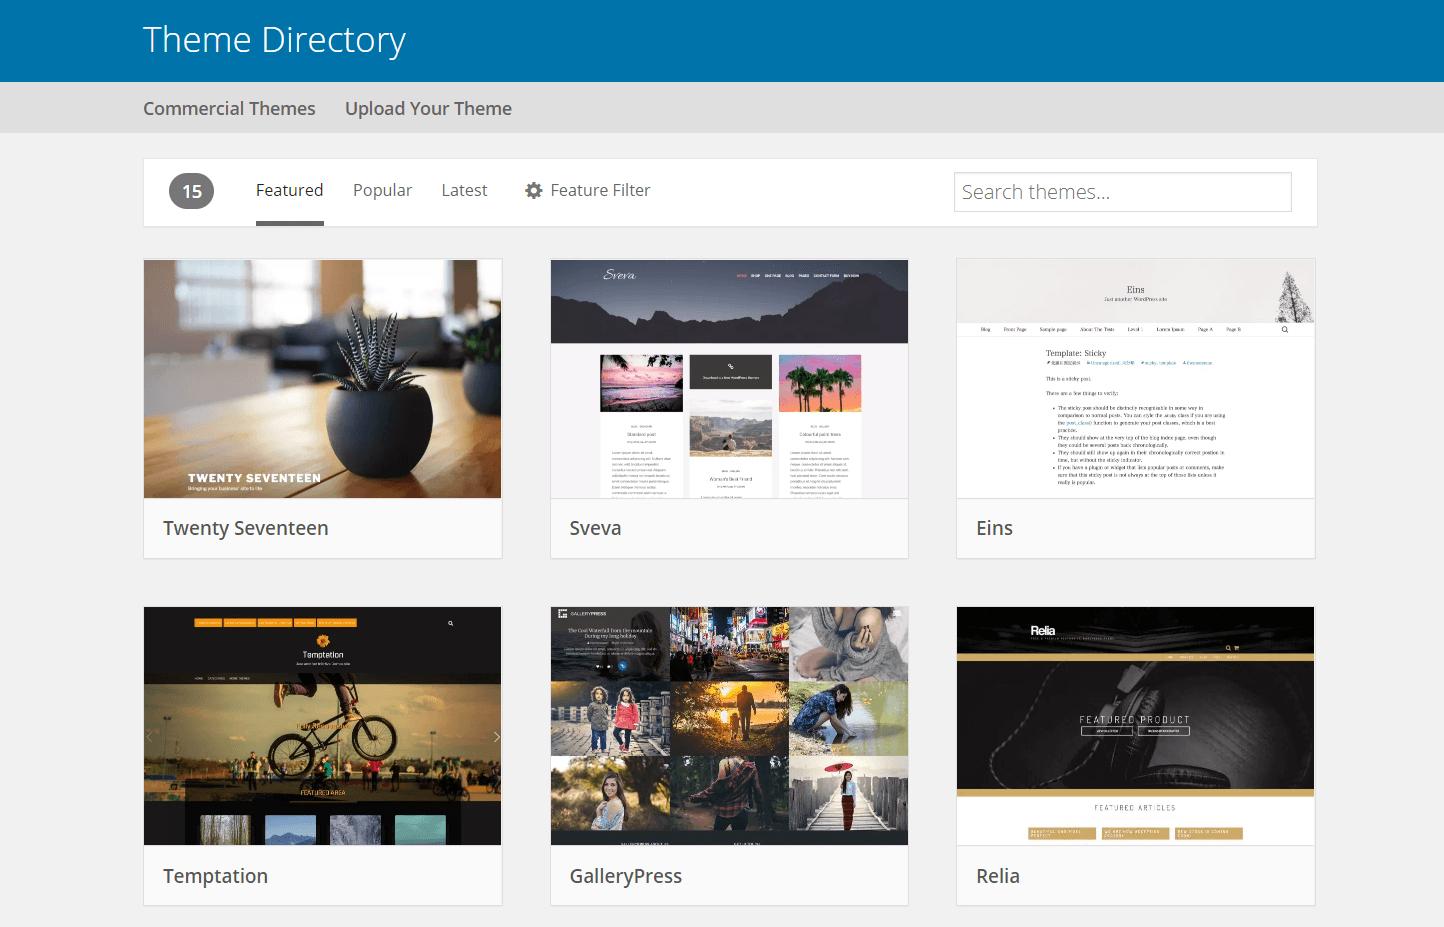 wordpress themes gratis, herramientas para blogueros, como empezar un blog